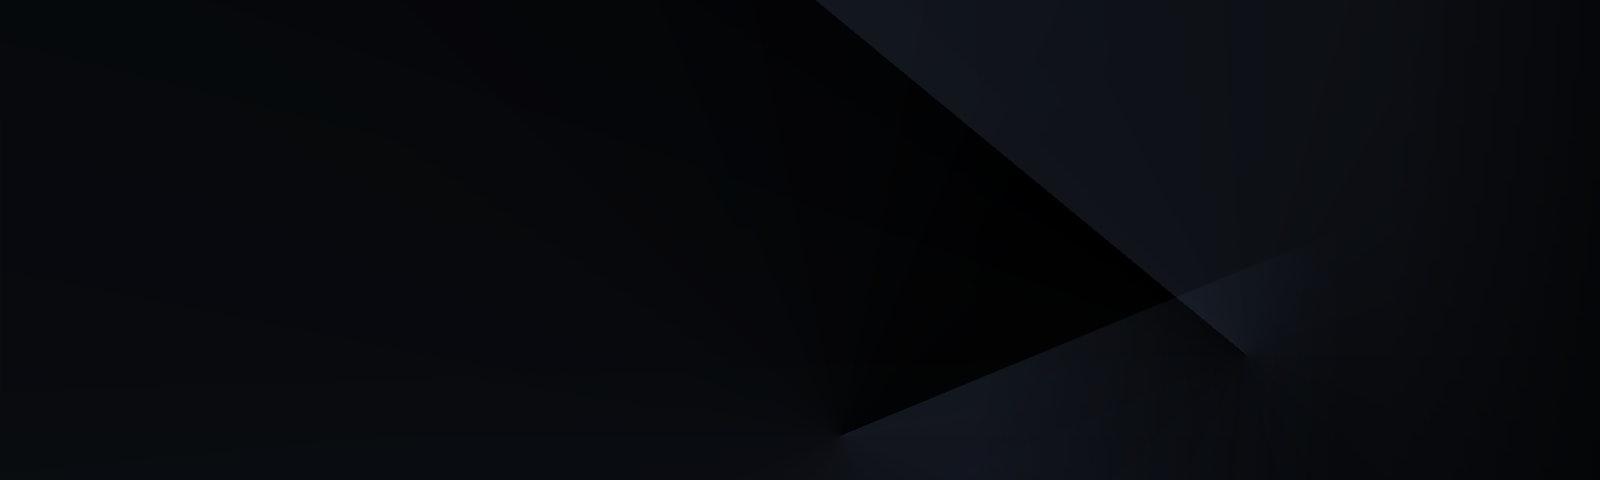 DevOps Defined Background